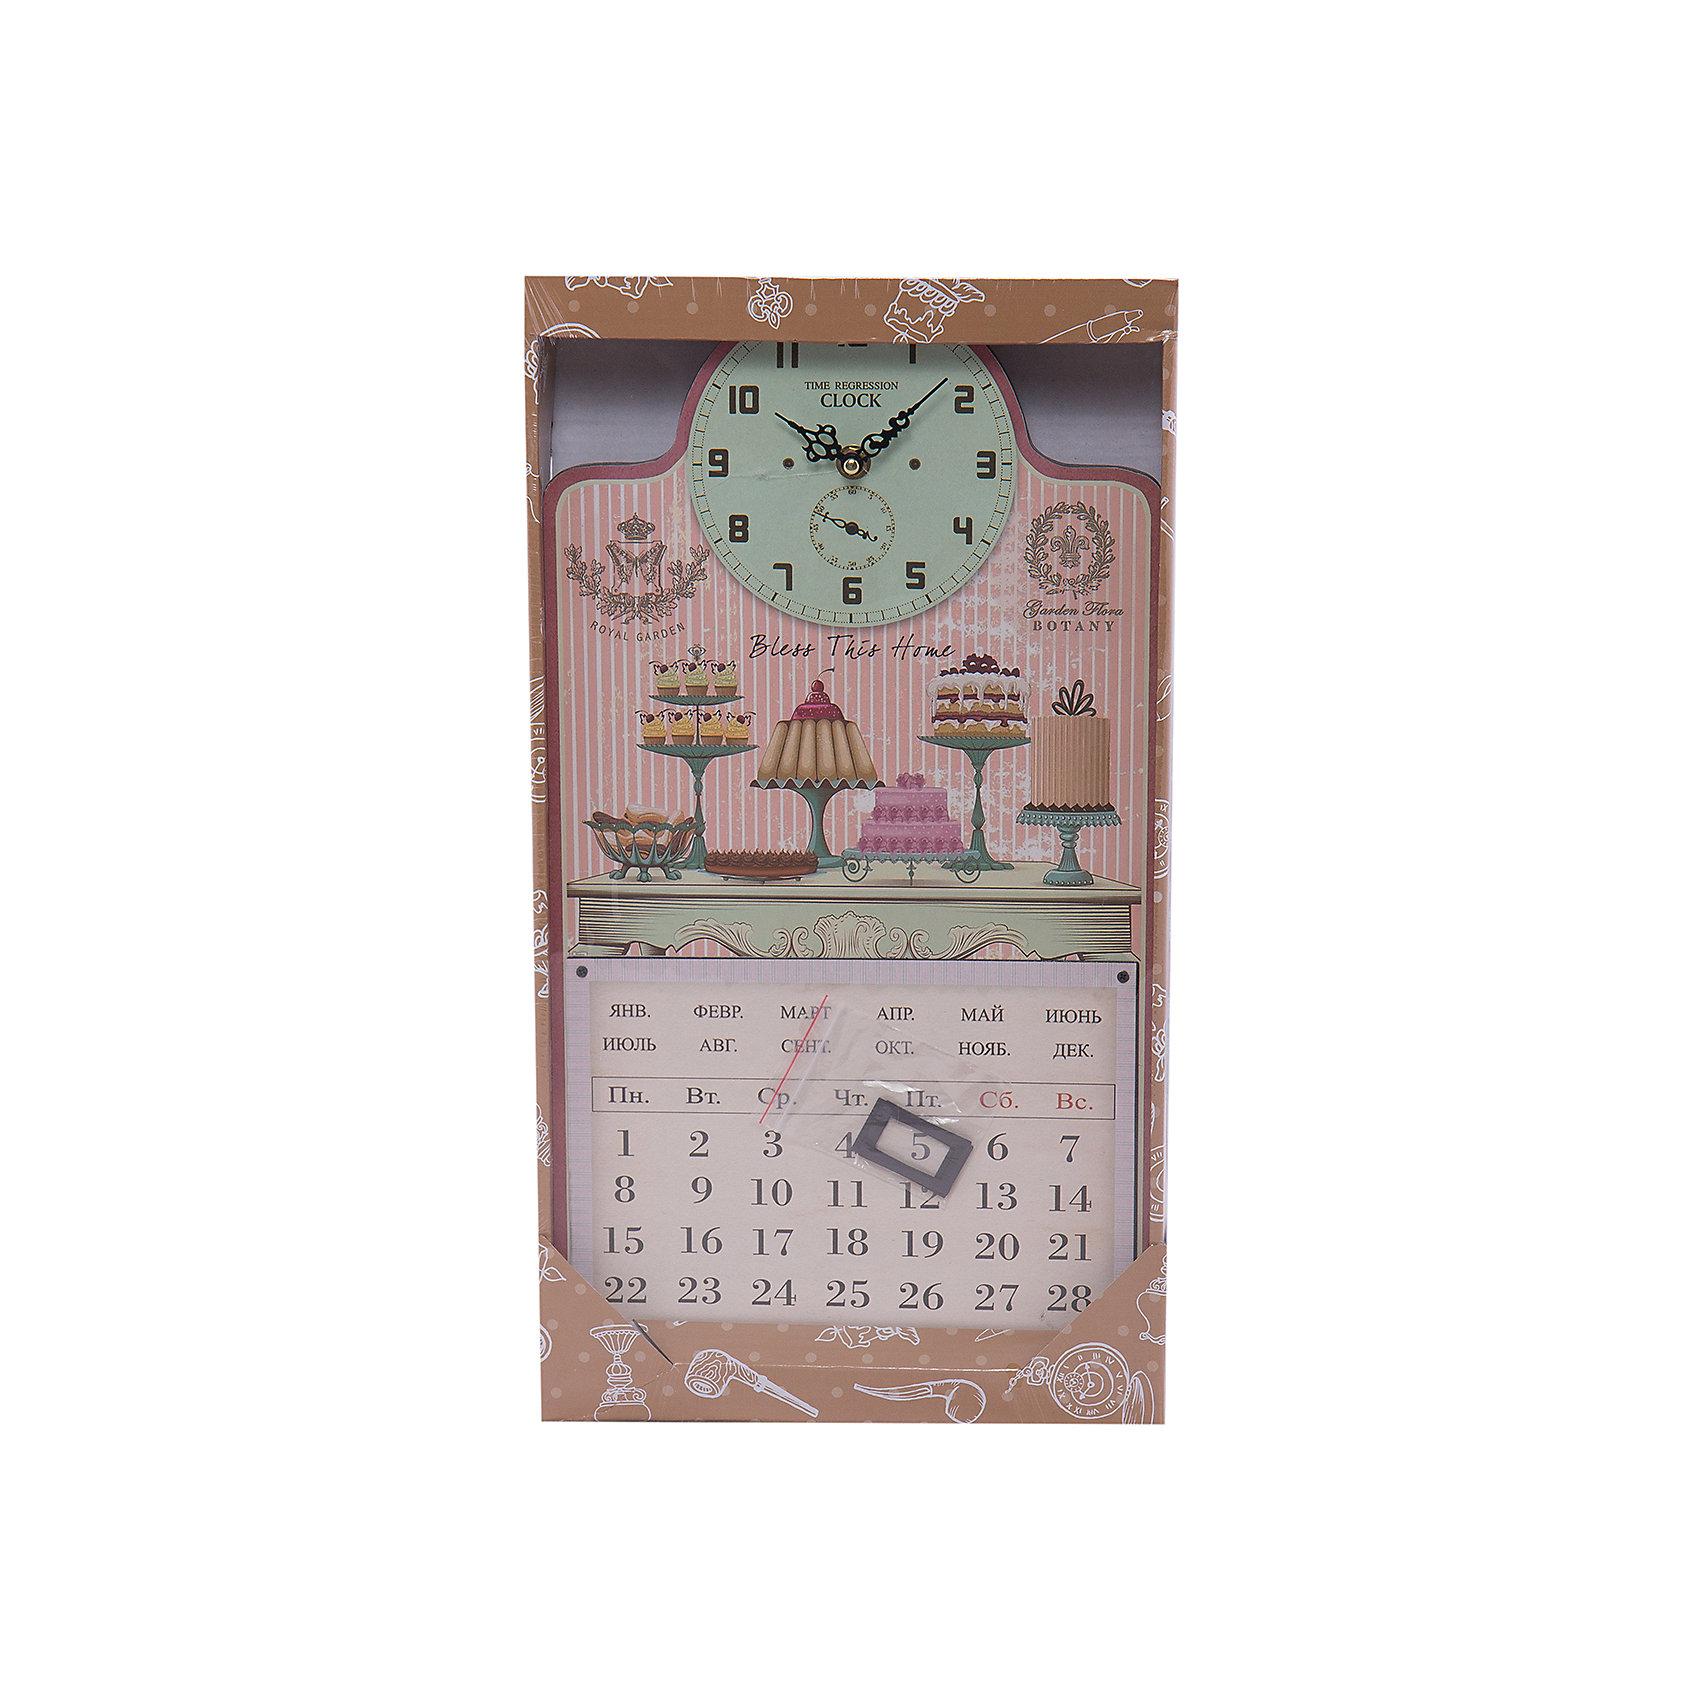 Настенные часы Тортики с календаремПредметы интерьера<br>Настенные часы Тортики   станут прекрасным подарком на любой праздник. Кварцевые часы с циферблатом прекрасно впишутся в любой интерьер и обязательно порадуют своего владельца. <br><br>Дополнительная информация:<br><br>- Размер: 24,5х46х4,5 см.<br>- Материал: МДФ, пластик, металл.  <br>- Без элемента питания.<br>- Кварцевые.<br>- С календарем (надписи на русском языке).<br><br>Настенные часы Тортики, с календарем, можно купить в нашем магазине.<br><br>Ширина мм: 240<br>Глубина мм: 460<br>Высота мм: 40<br>Вес г: 750<br>Возраст от месяцев: 36<br>Возраст до месяцев: 2147483647<br>Пол: Женский<br>Возраст: Детский<br>SKU: 4087347